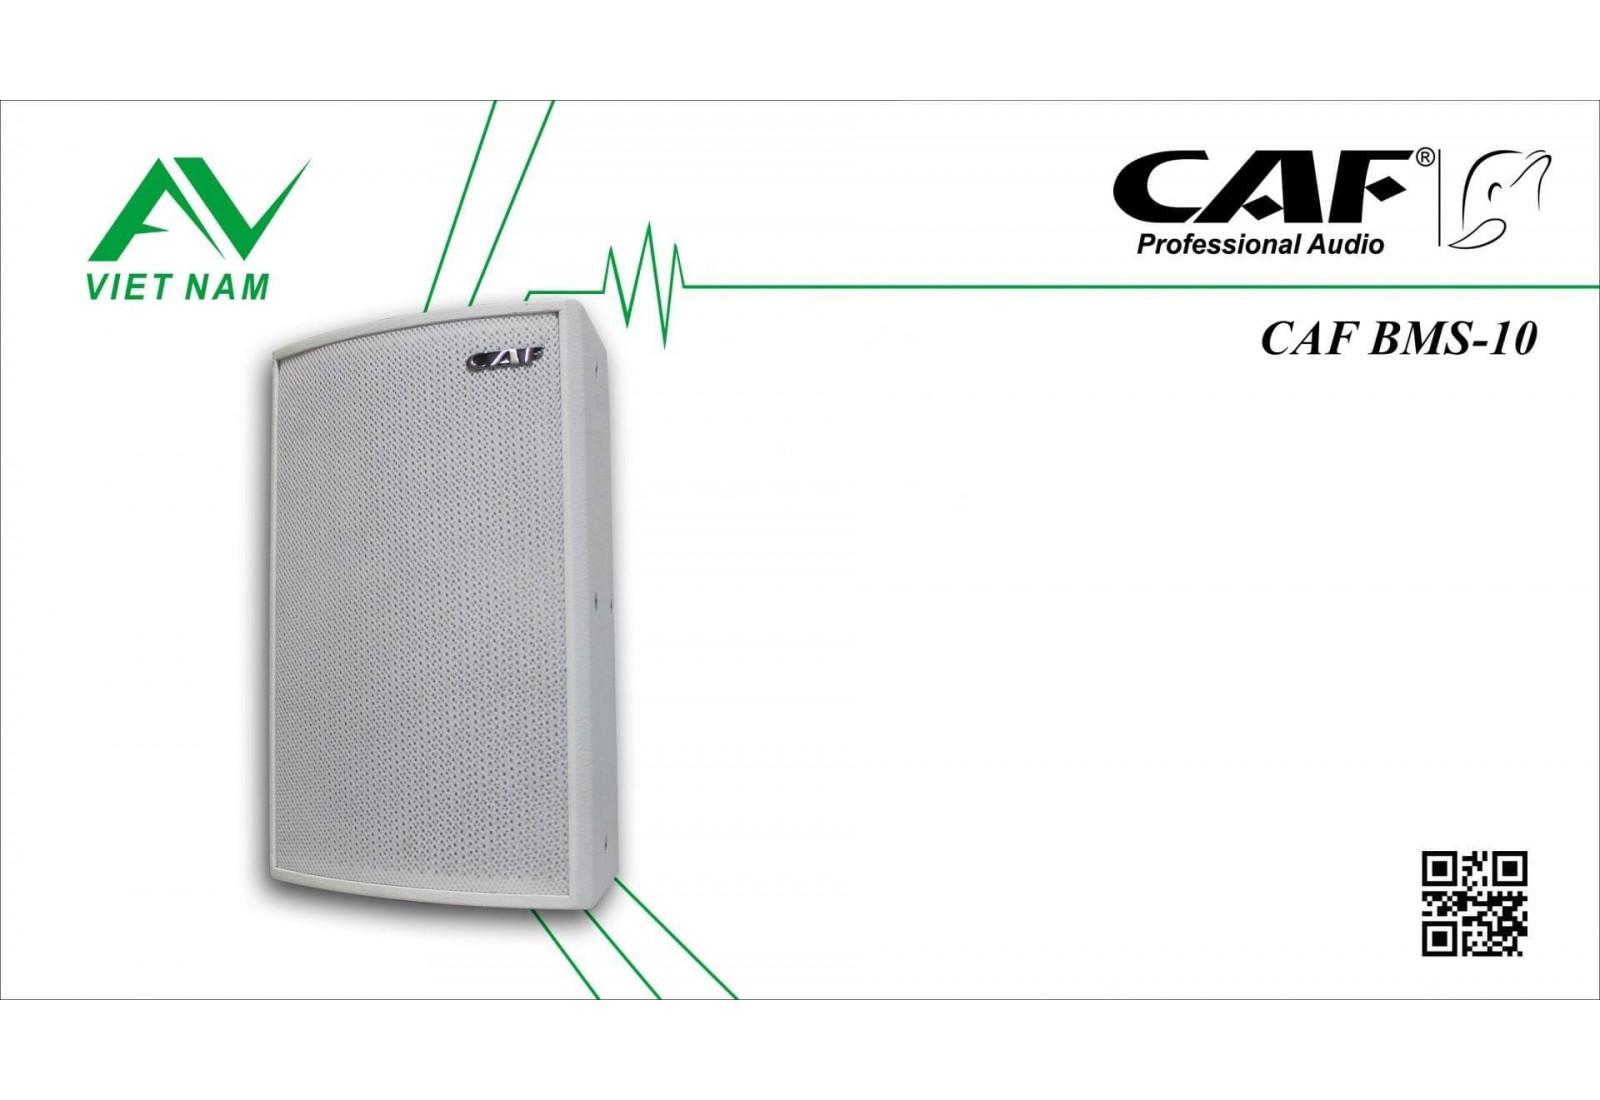 CAF BMS-10